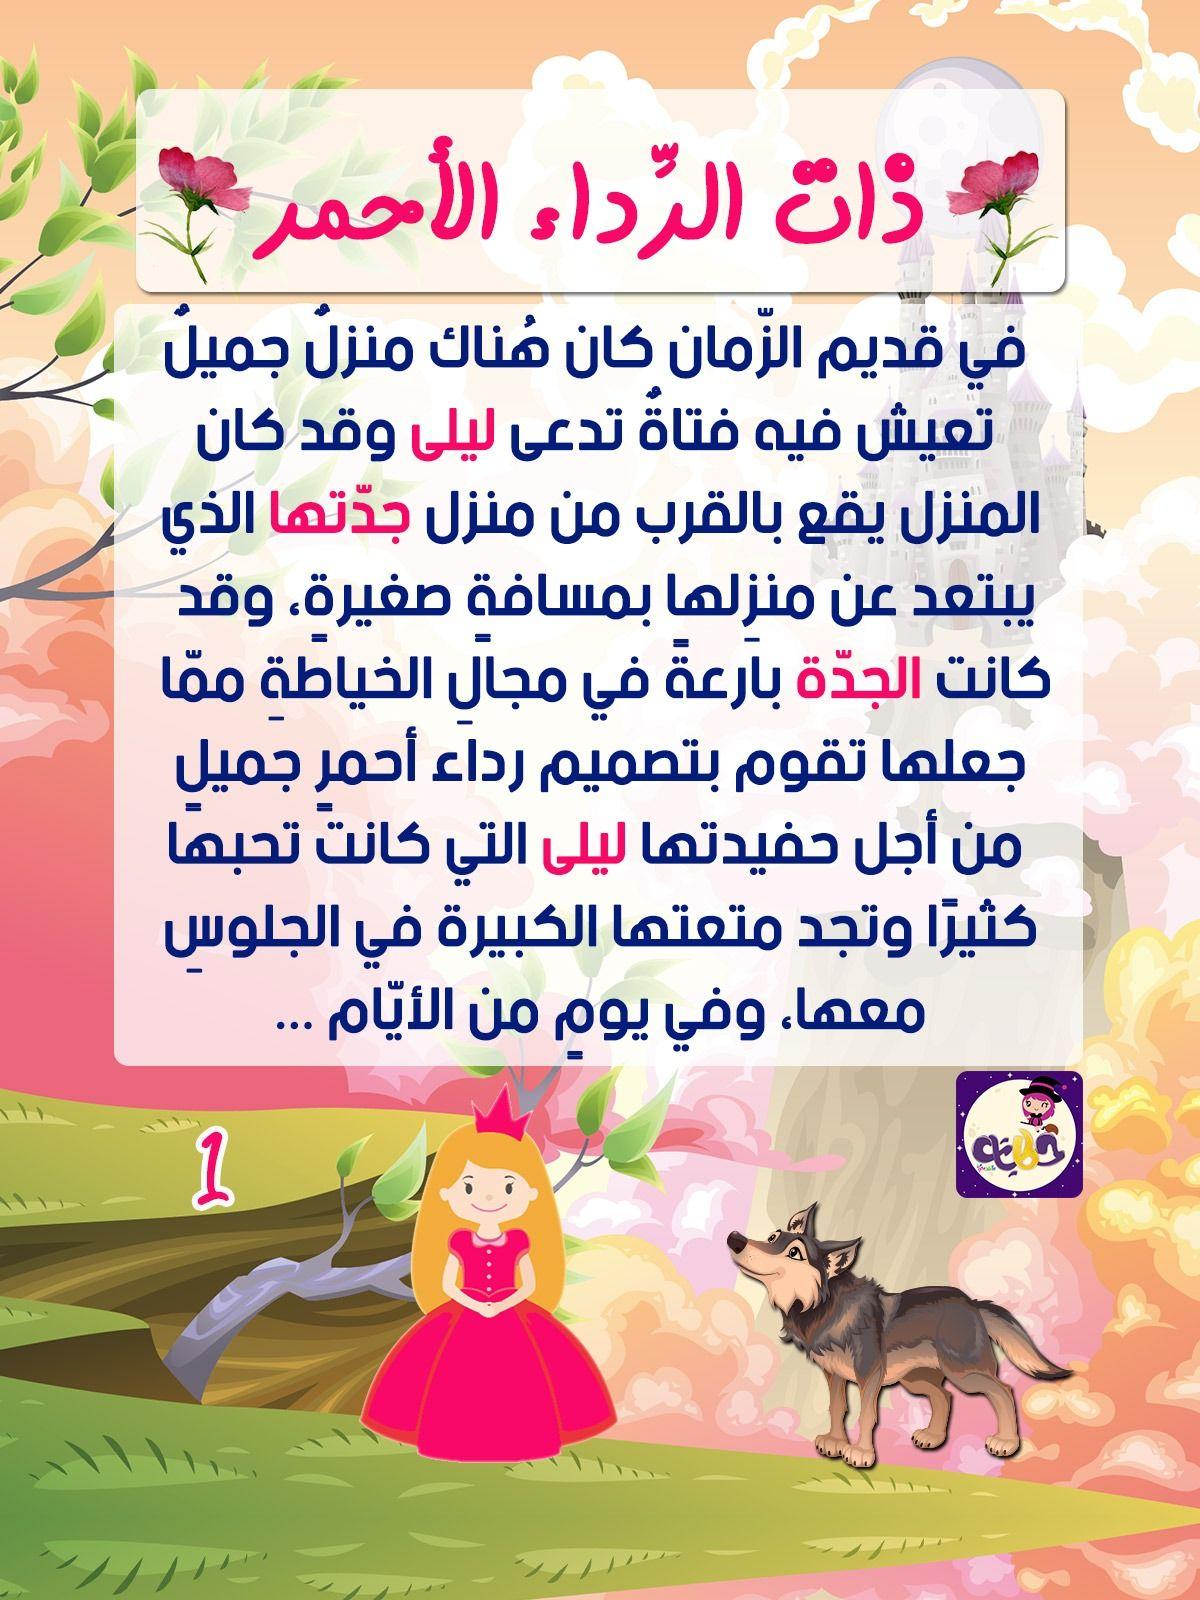 ذات الرداء الأحمر قصة خيالية بتطبيق قصص وحكايات بالعربي قصص مشوقة للاطفال Fictional Characters Character Disney Characters